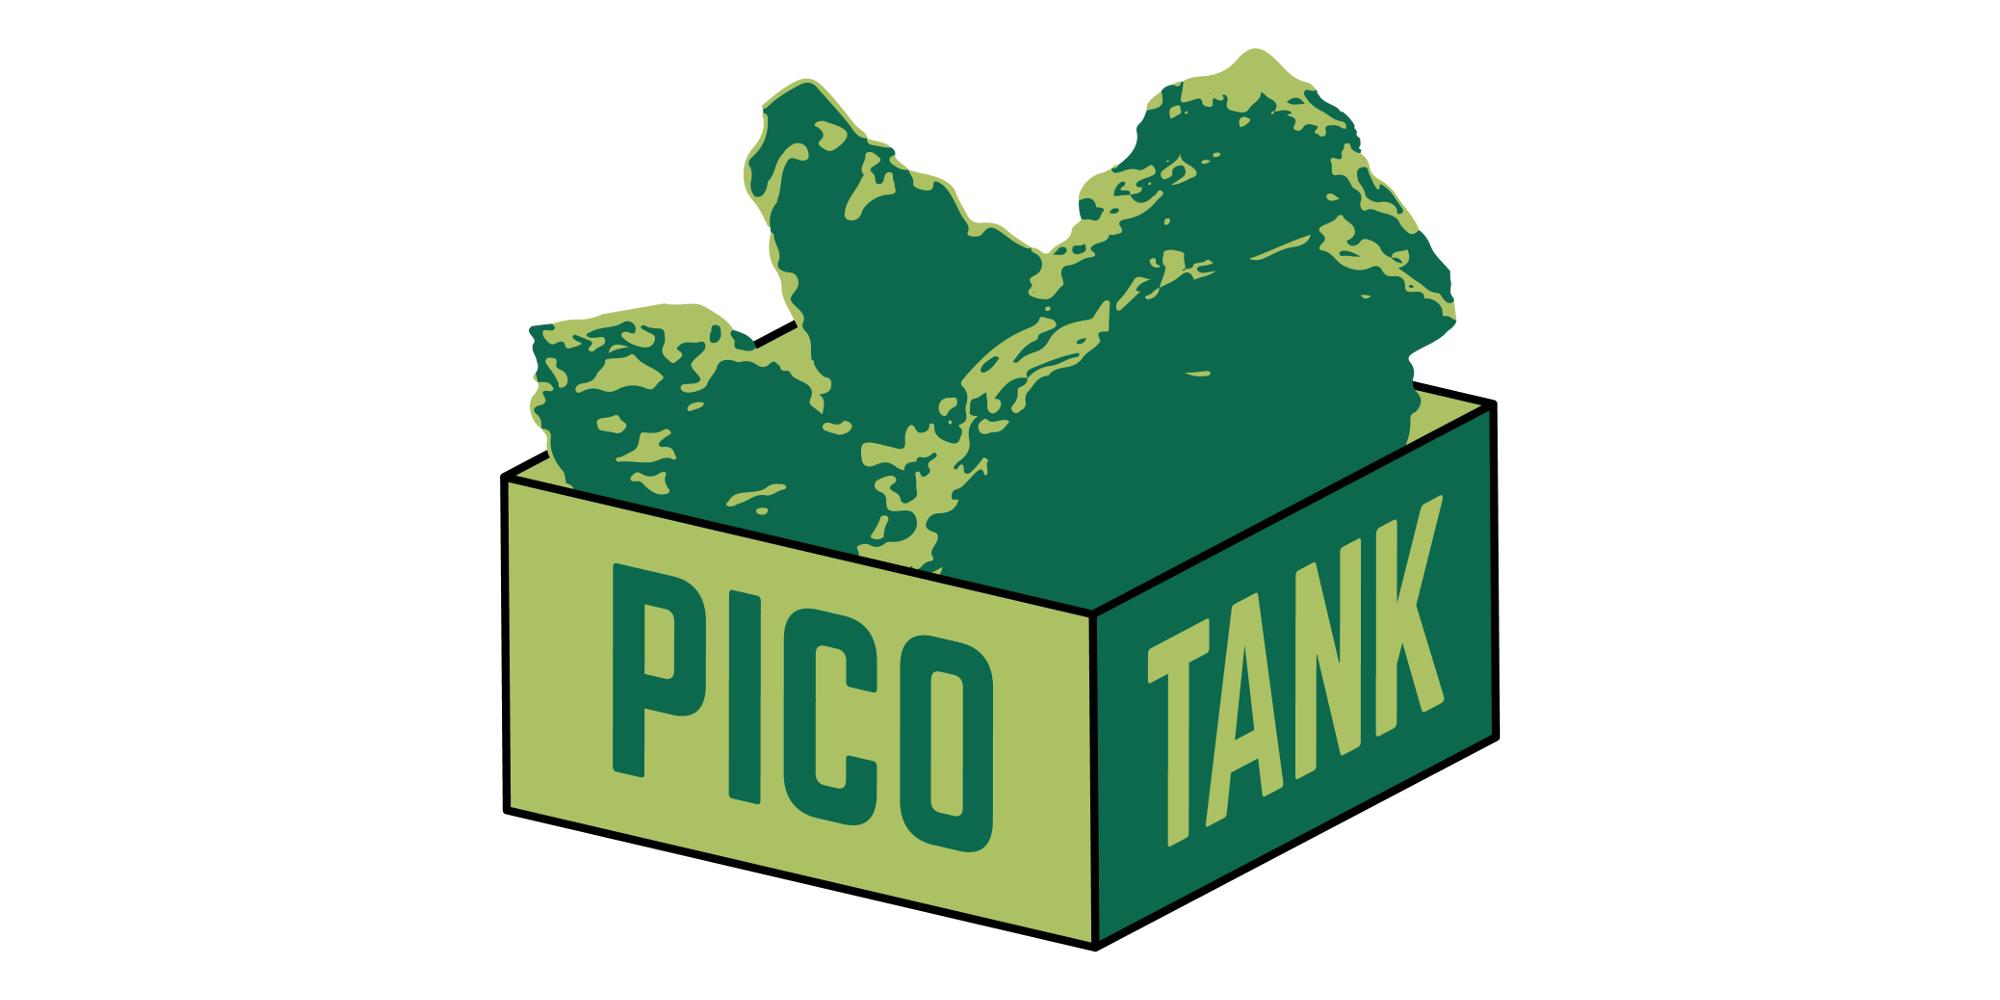 Picotank-Green_SM-1.png